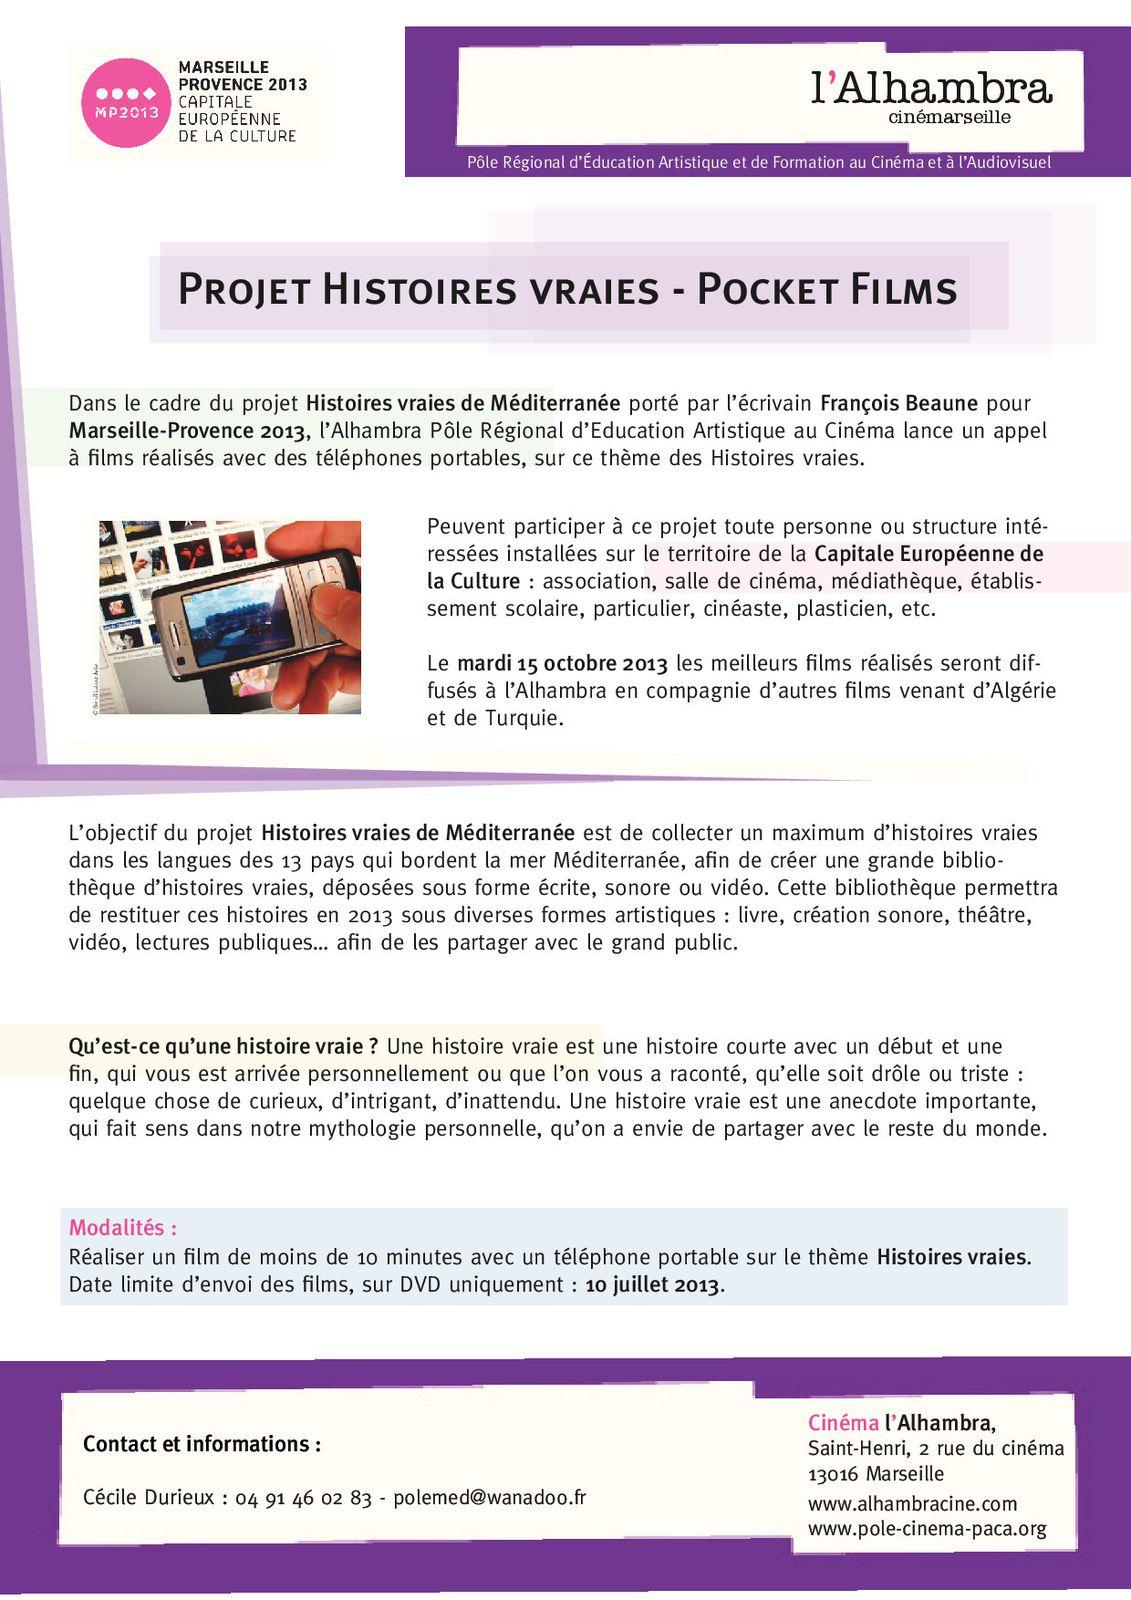 Alhambra - Projet Histoires vraies - Pocket Films